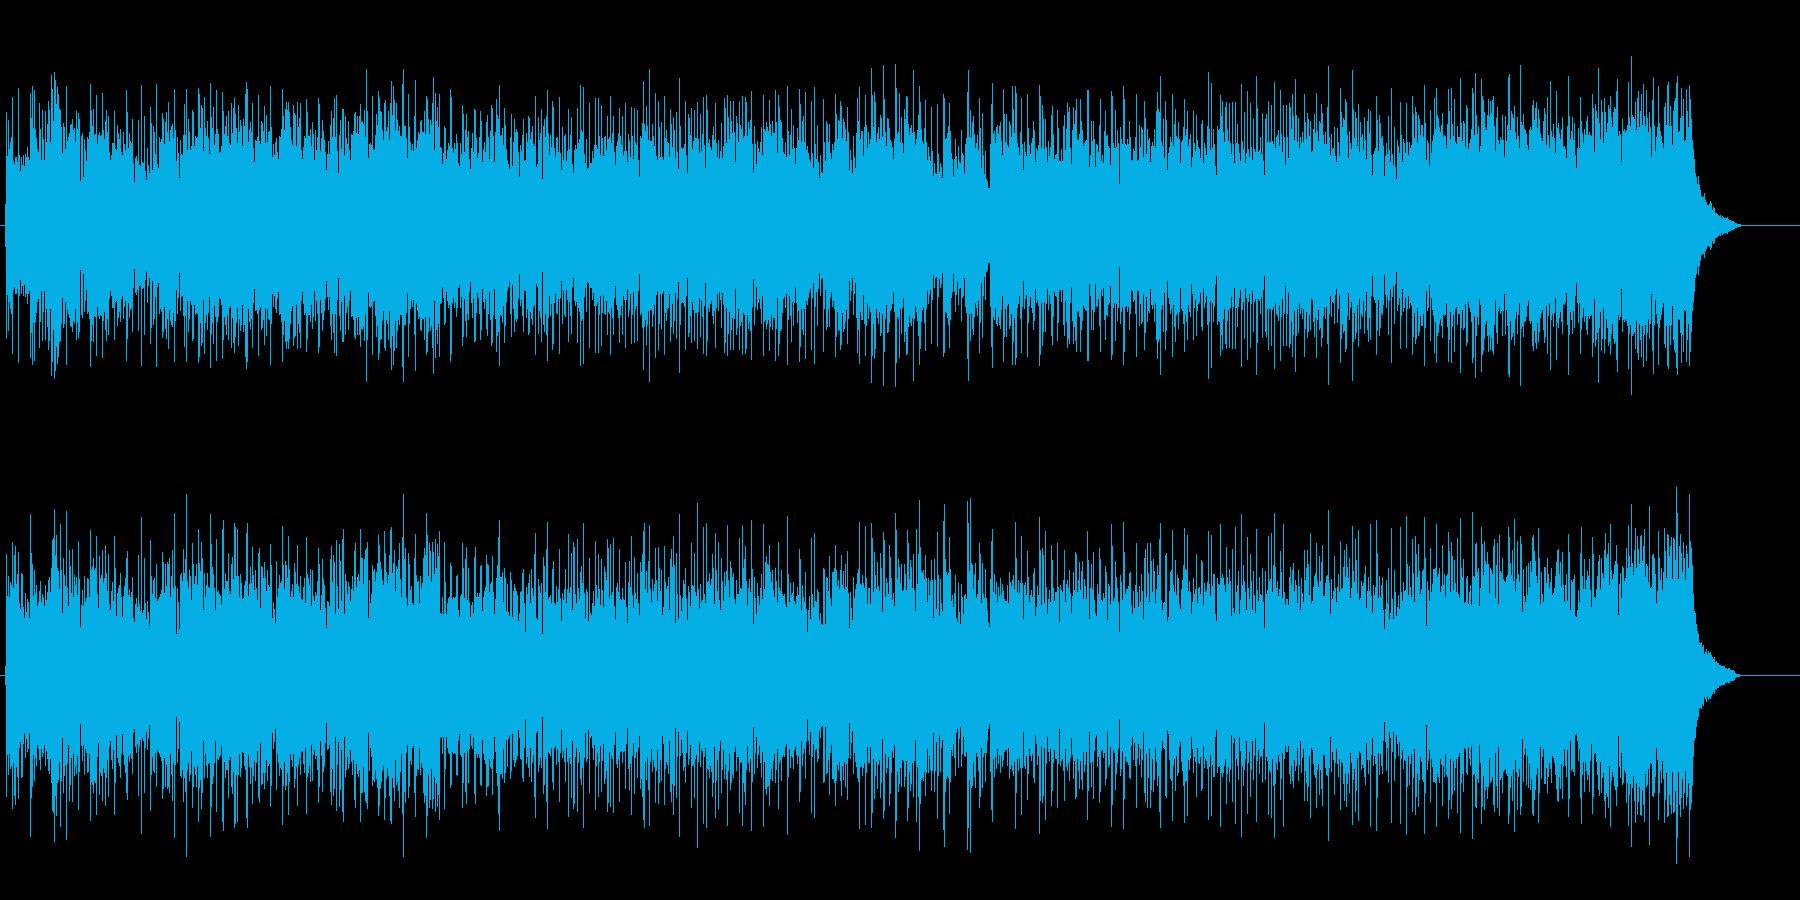 期待感と躍動感のテーマ・パーク風ポップスの再生済みの波形